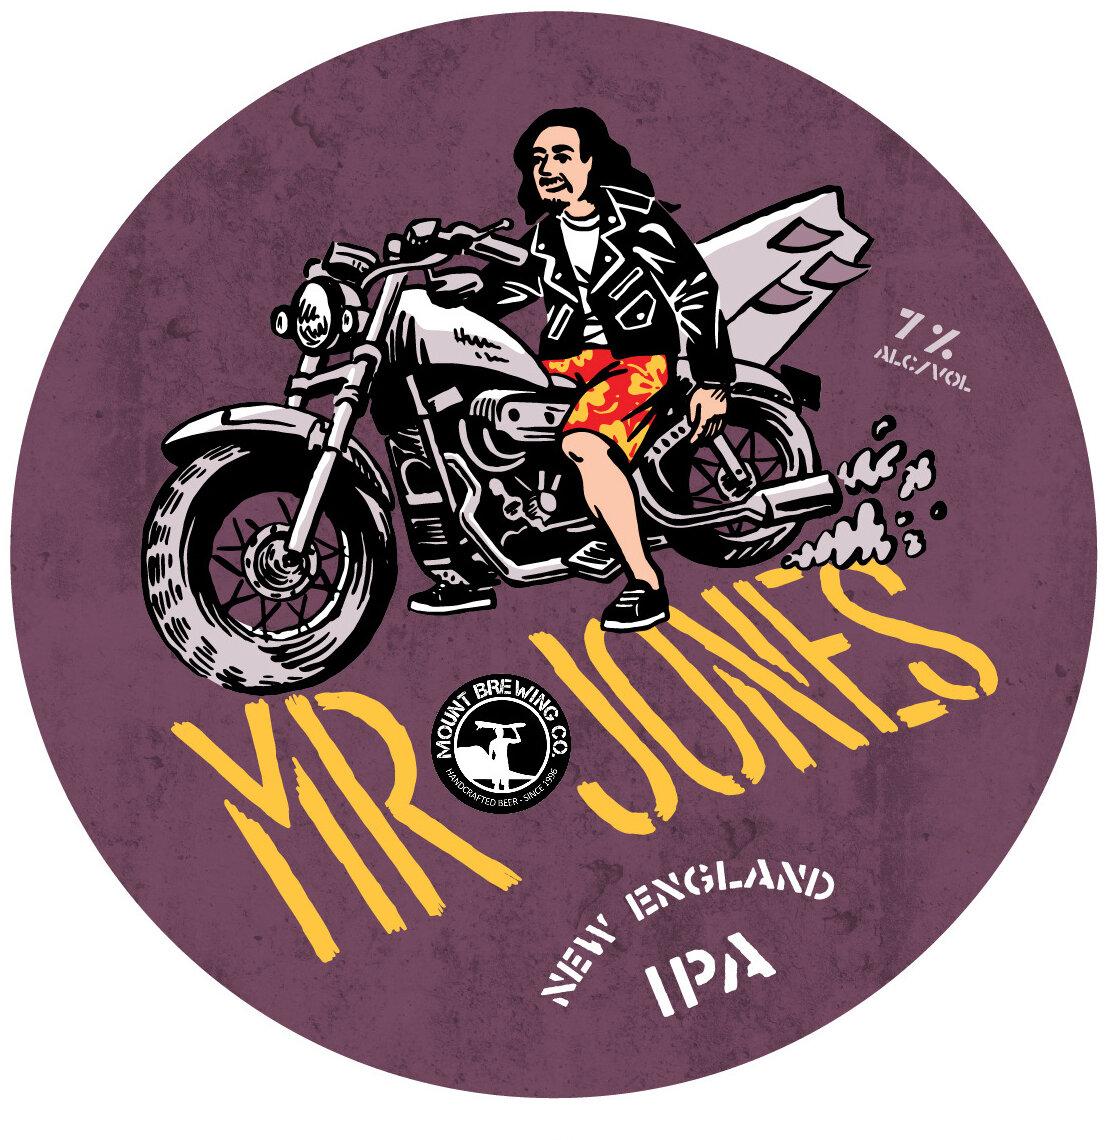 Copy of Mr Jones.jpg